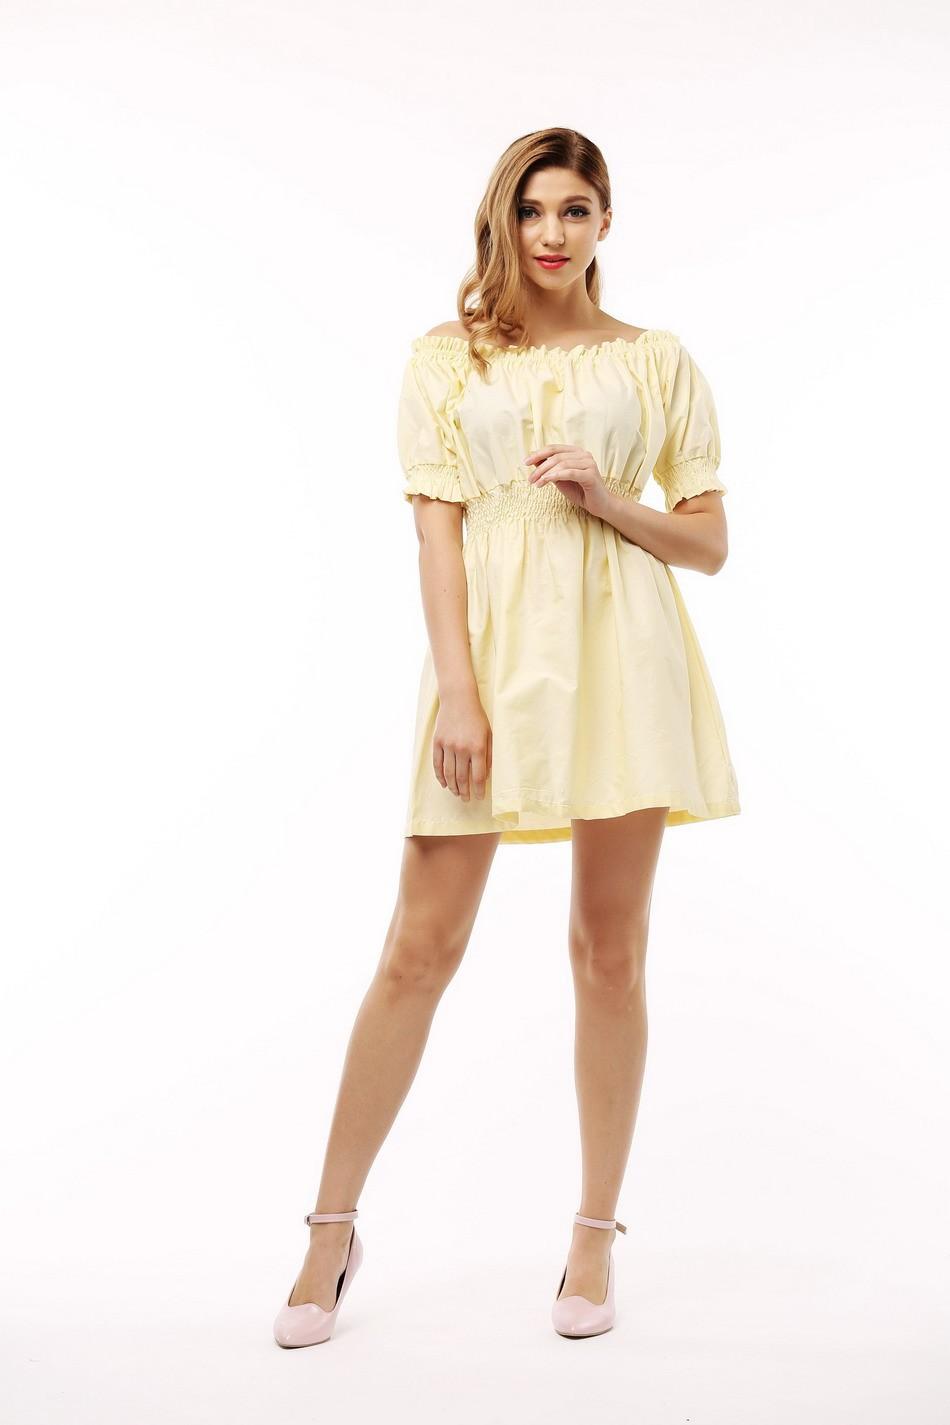 100% bawełna nowy 2017 jesień lato kobiety dress krótki rękaw casual sukienki plus size vestidos wc0380 17